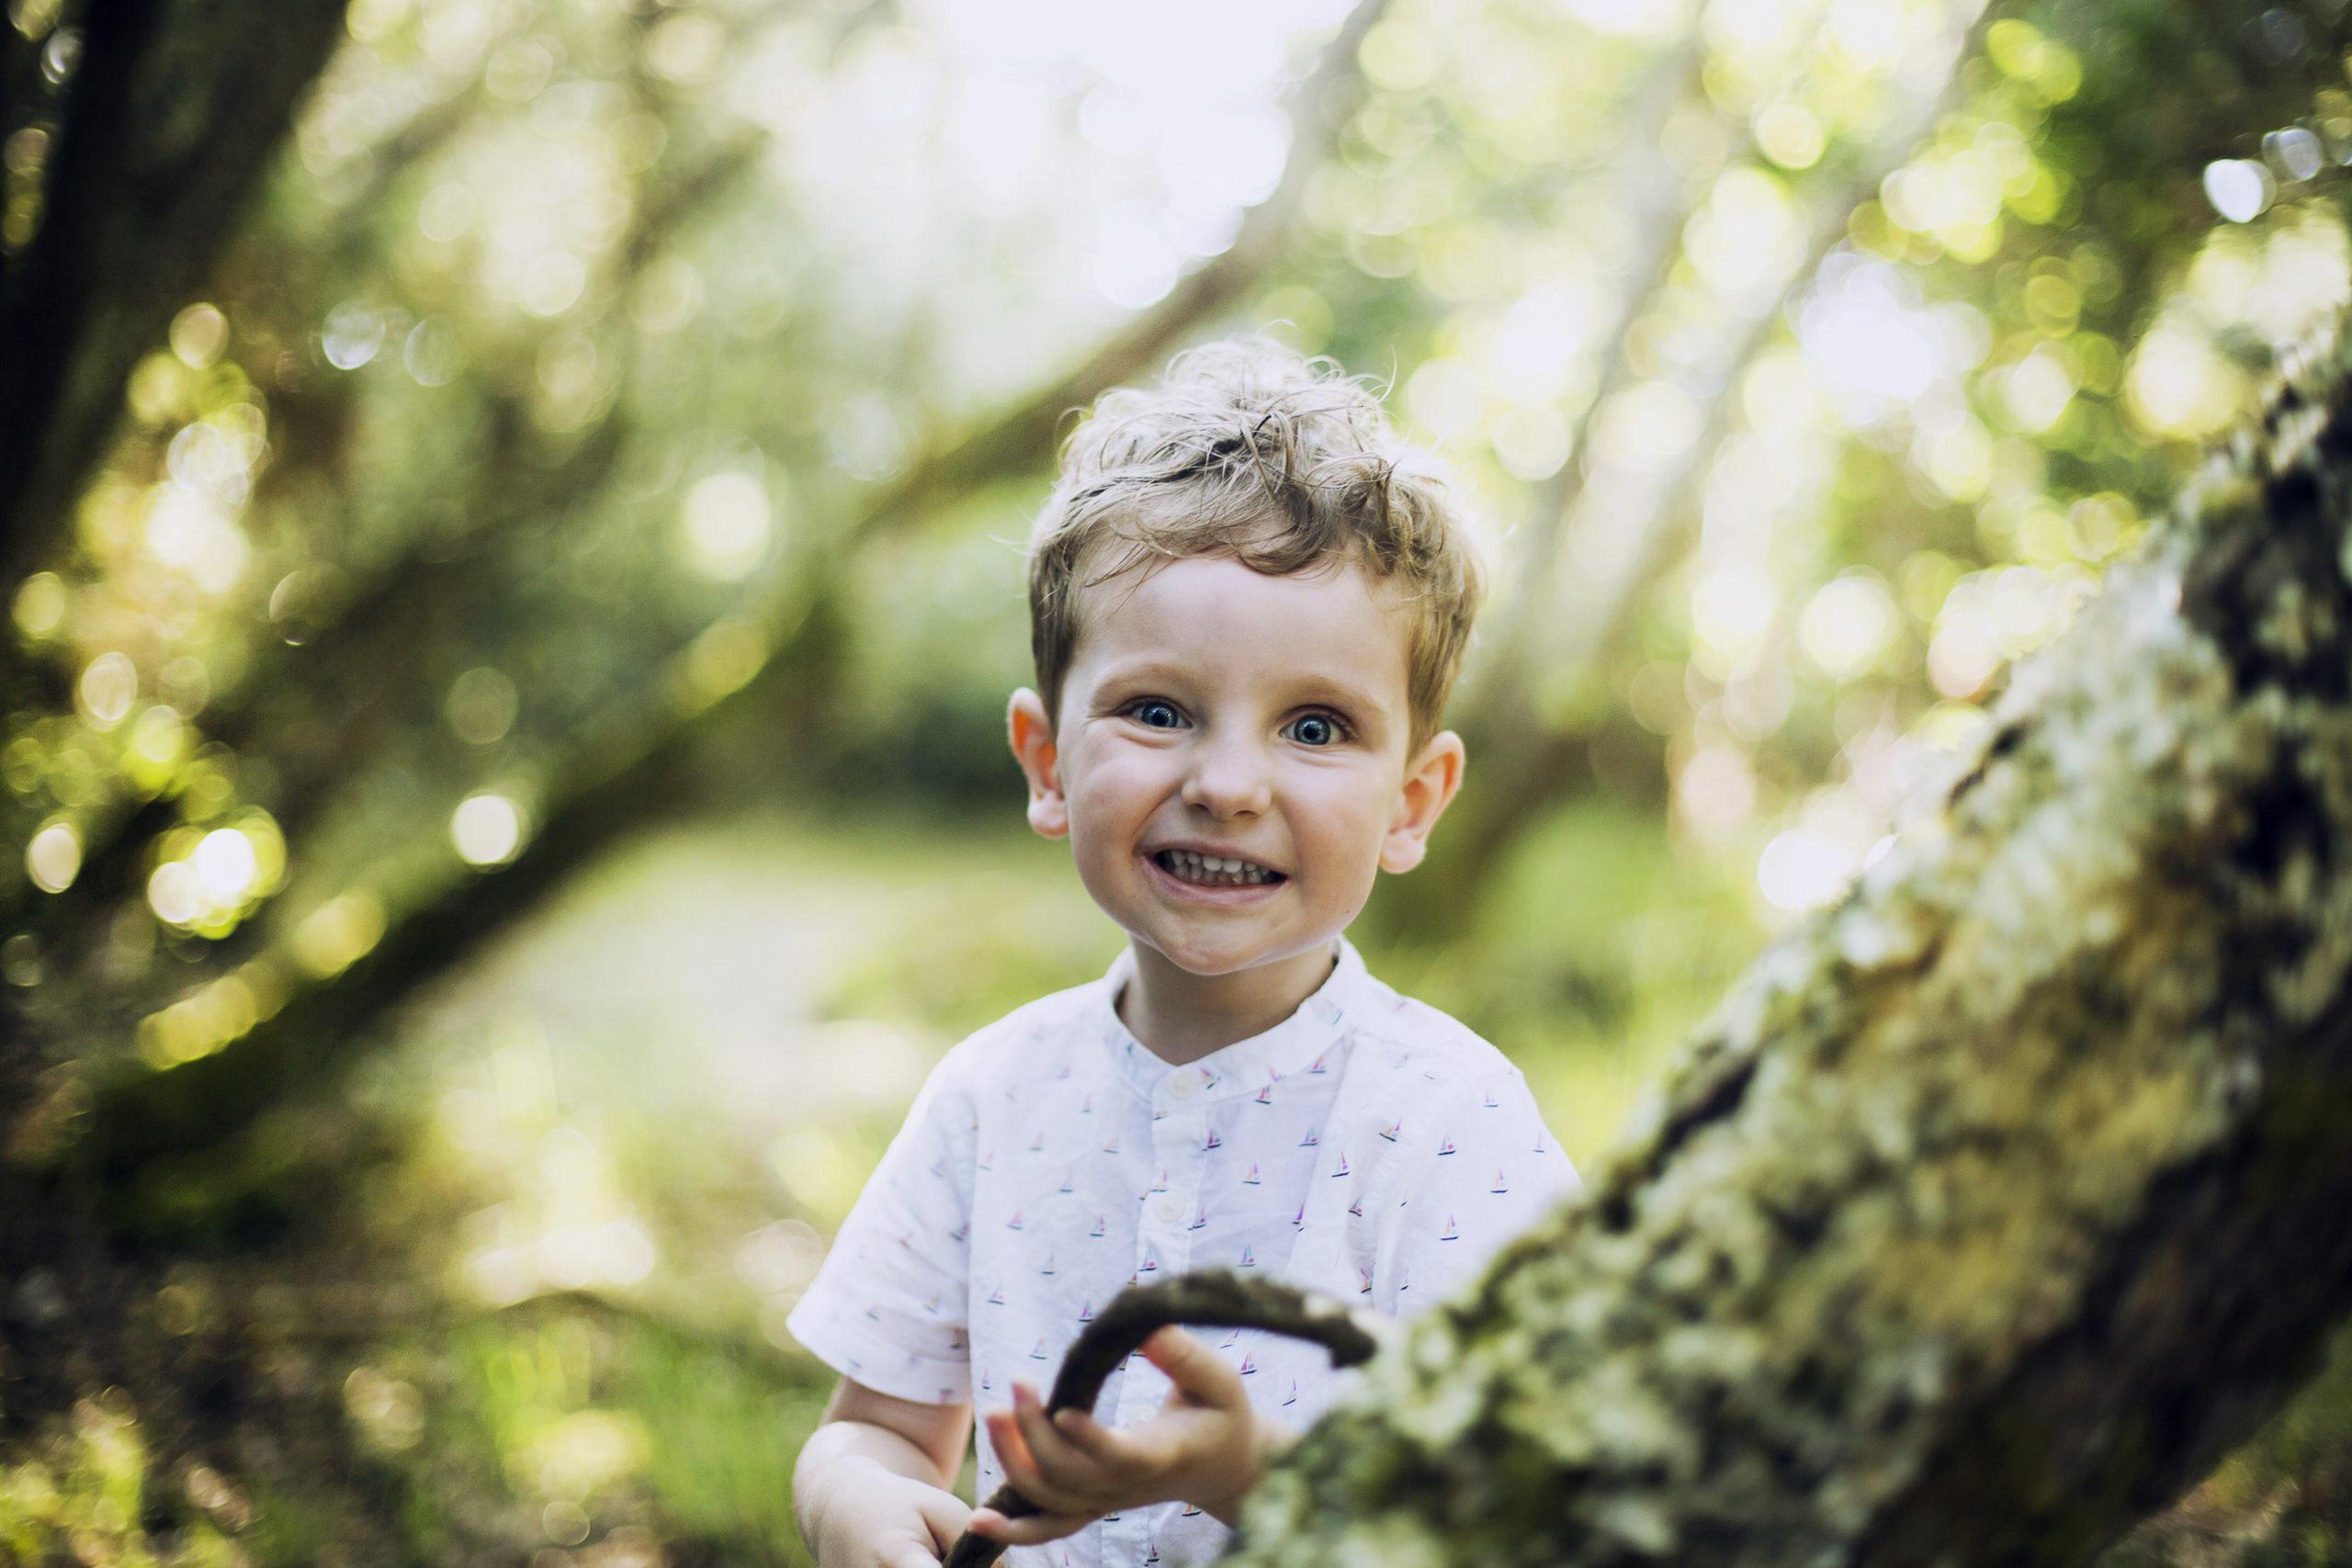 Petit garçon avec une chemise blanche fait les gros yeux tenant un baton dans ses mains dans une fôret